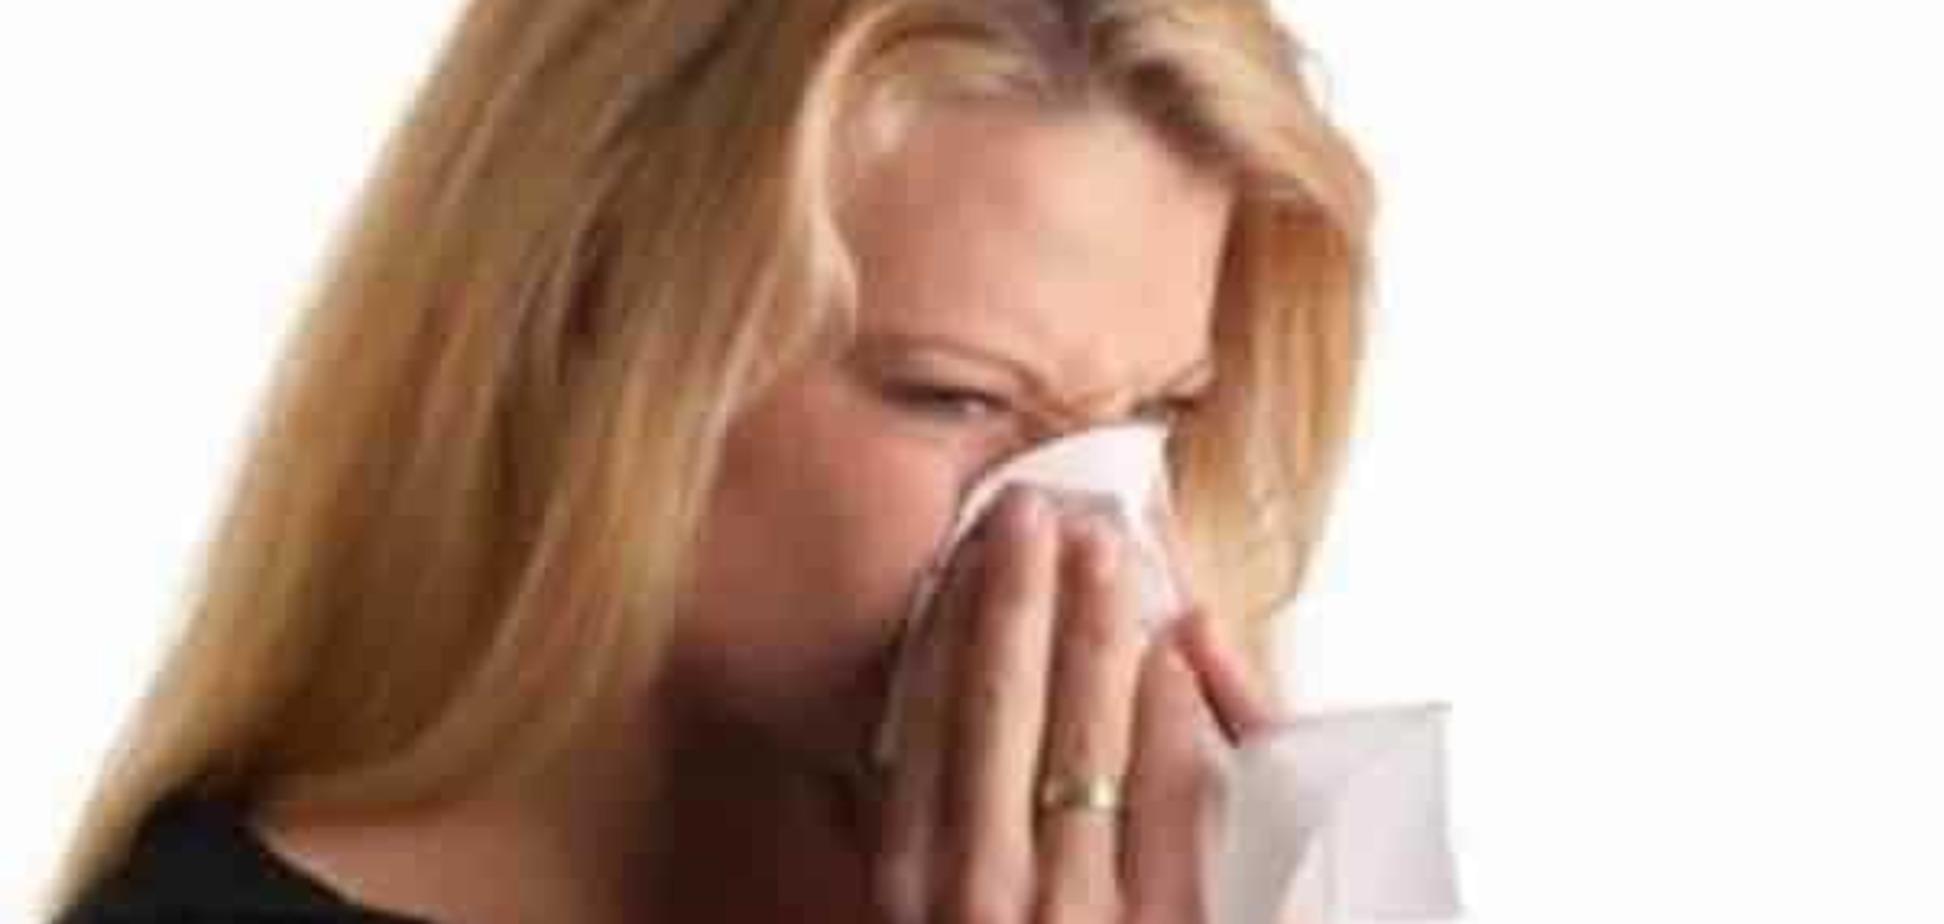 Потенциальные аллергены всегда окружают нас